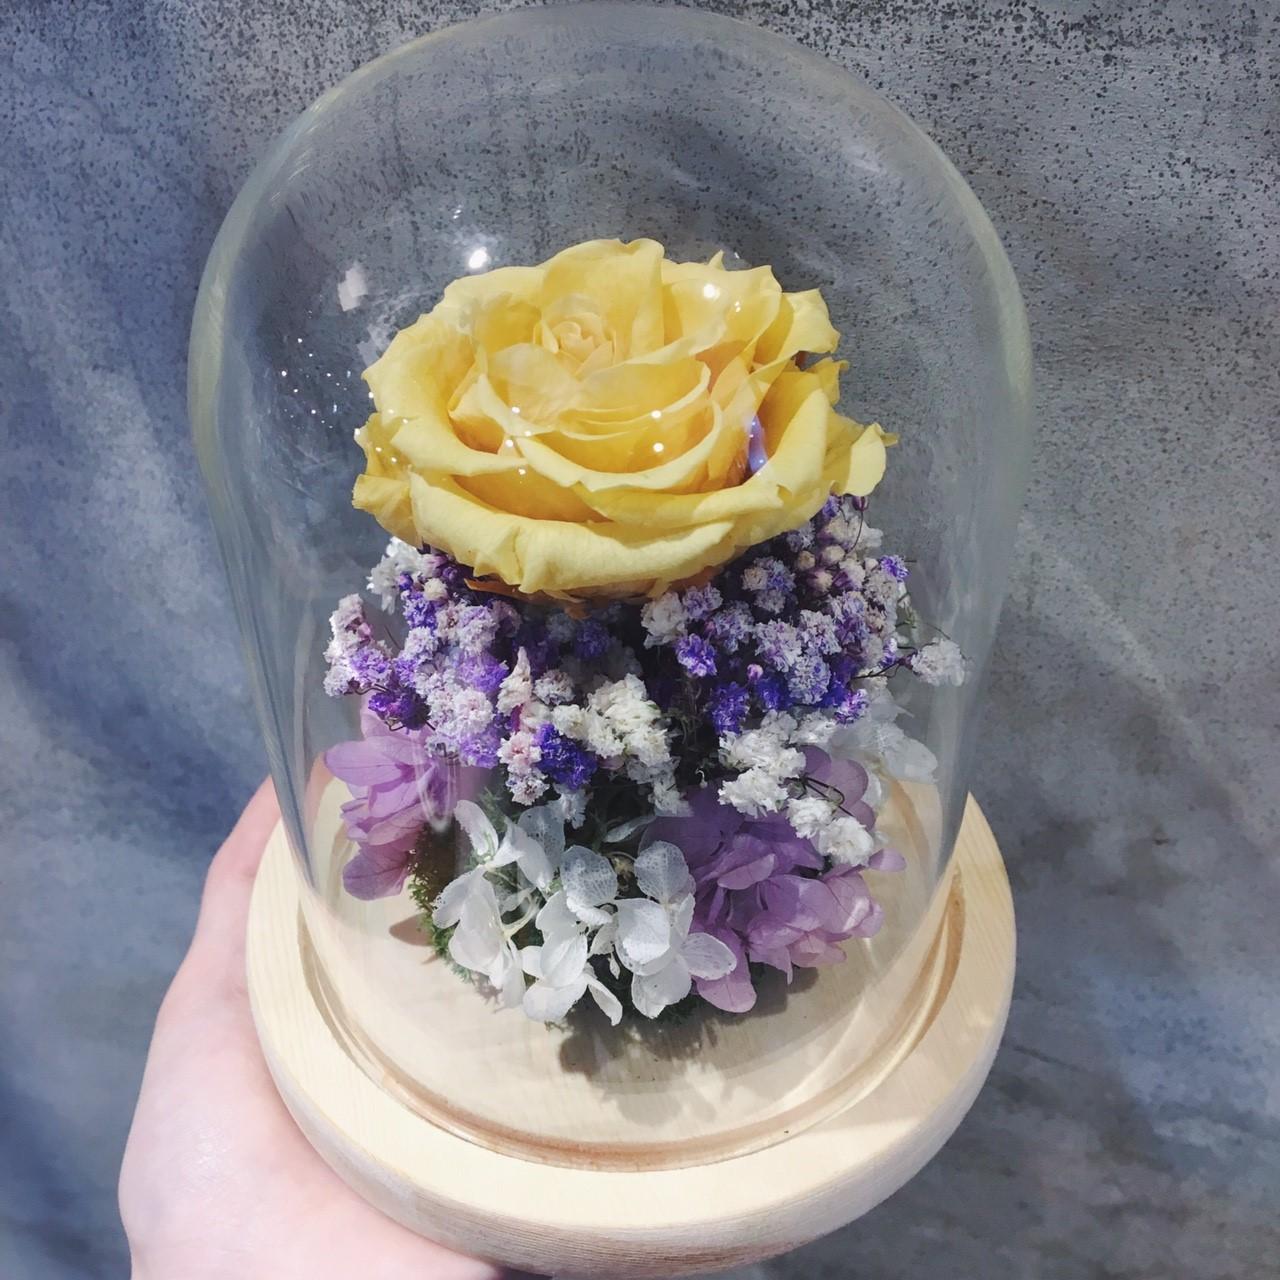 黃色永生花玫瑰,永生花玻璃罩,喜歡生活乾燥花店